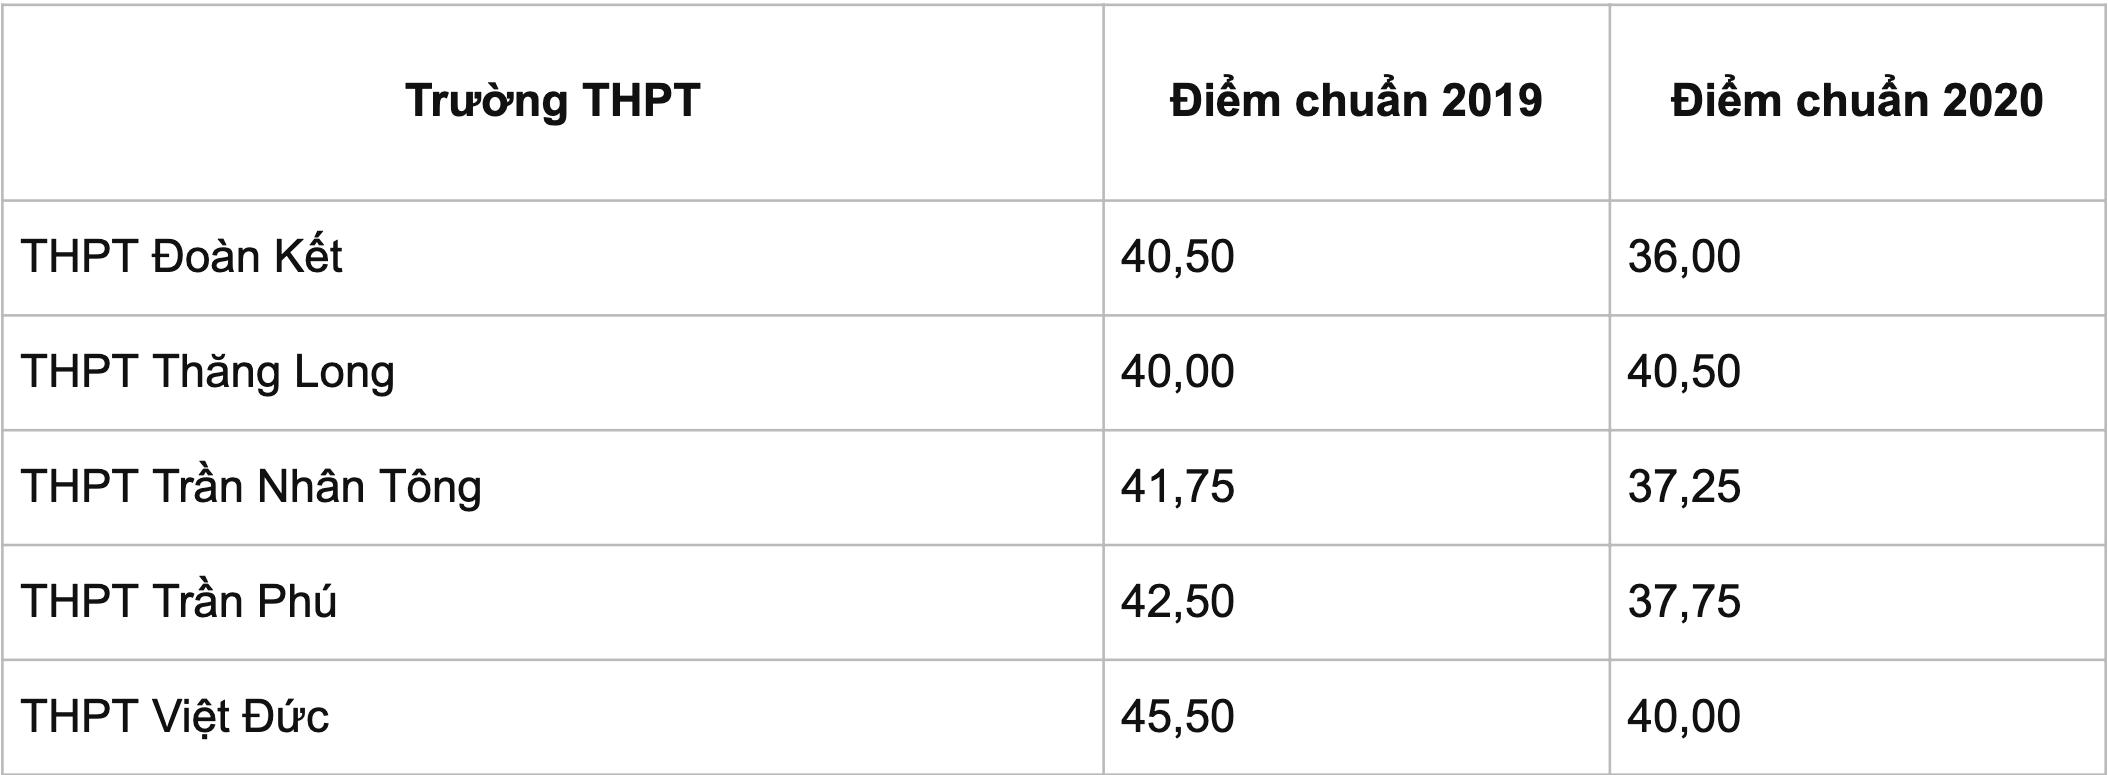 Bao giờ Hà Nội công bố điểm chuẩn vào lớp 10 THPT công lập? - 3